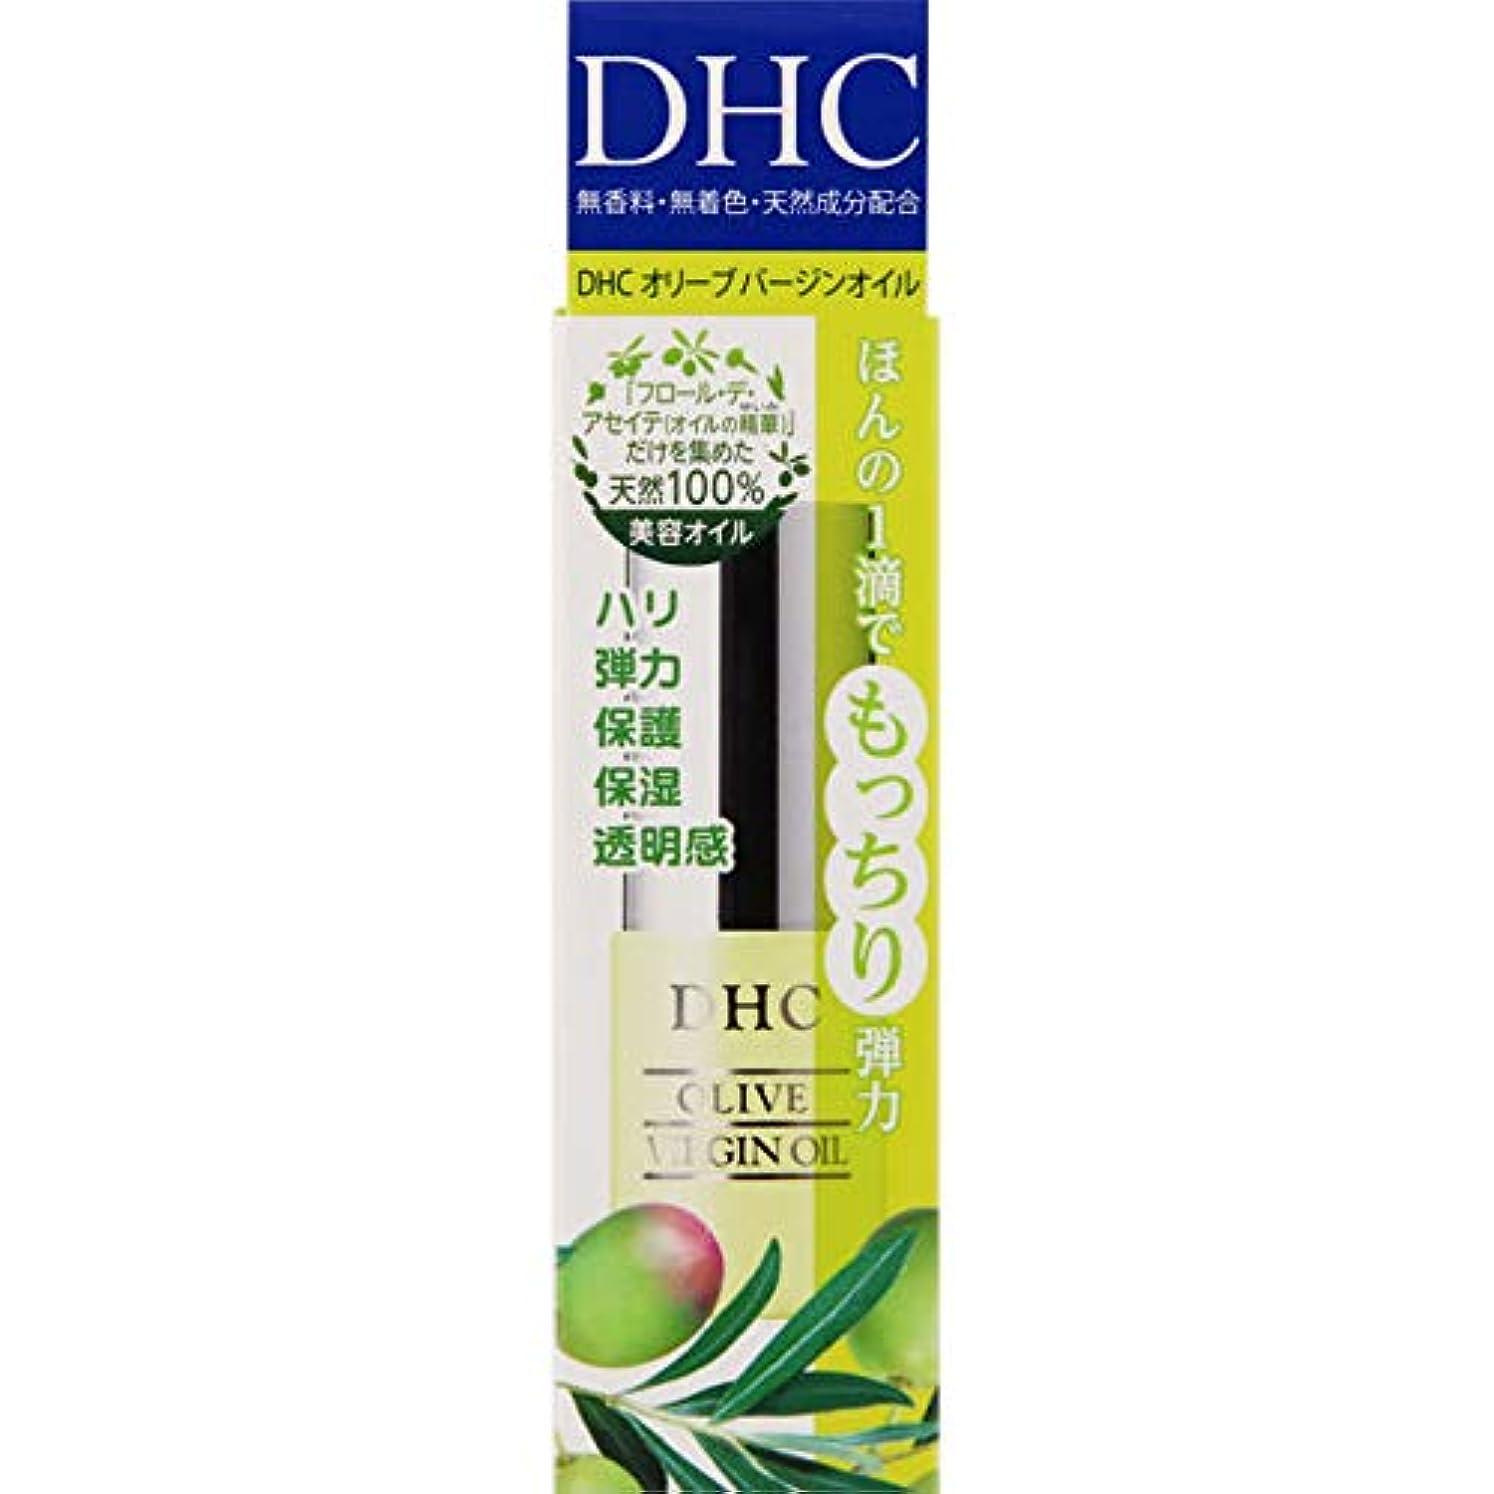 軽減する神聖鉛DHC オリーブバージンオイル(SS) 7ml